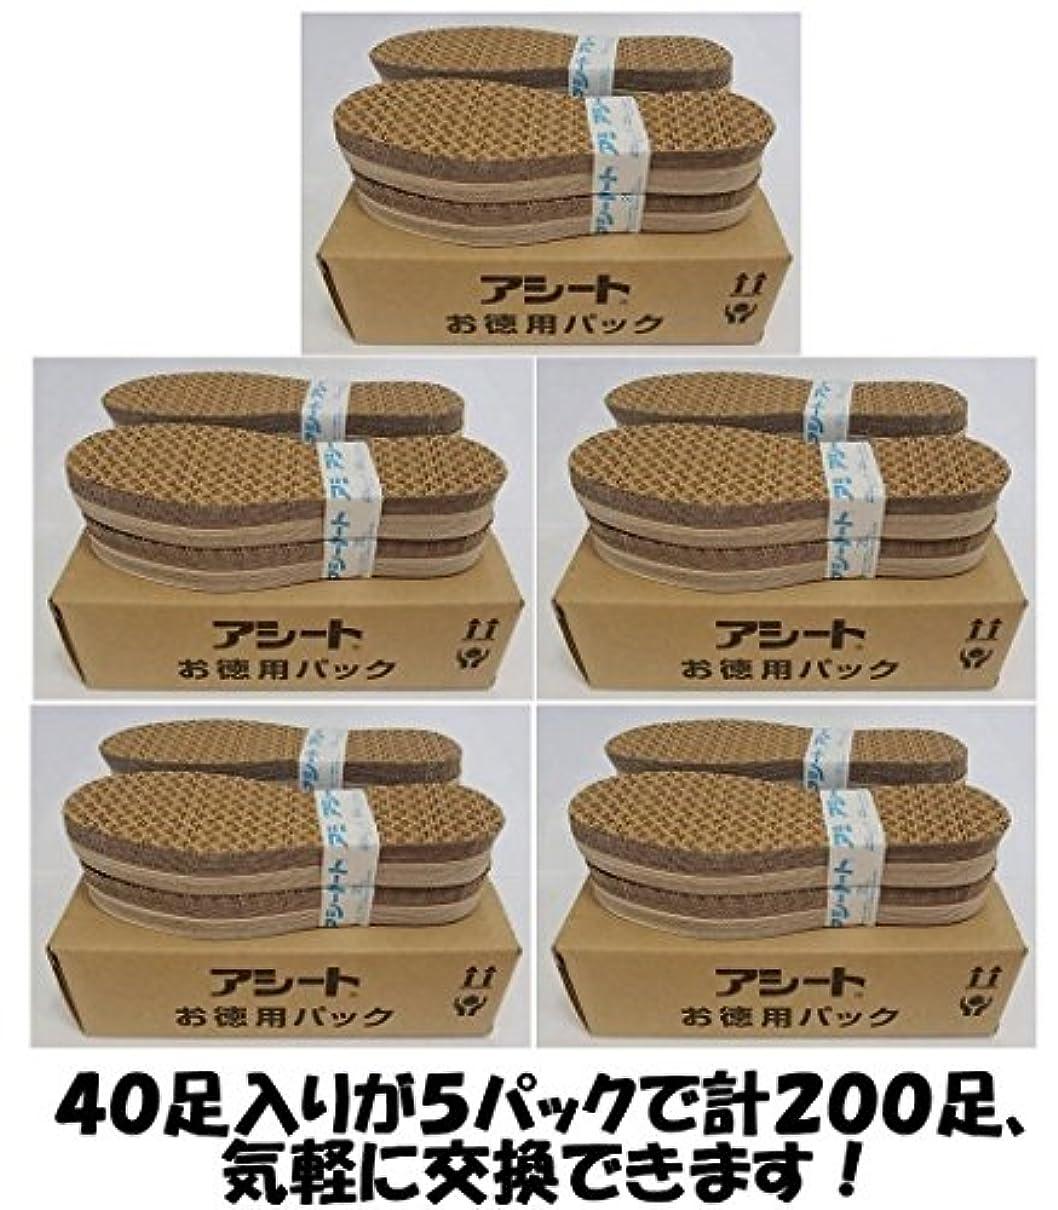 衰える悲惨なテレビアシートOタイプお徳用パック200足入り (25.5~26cm 男性靴用)